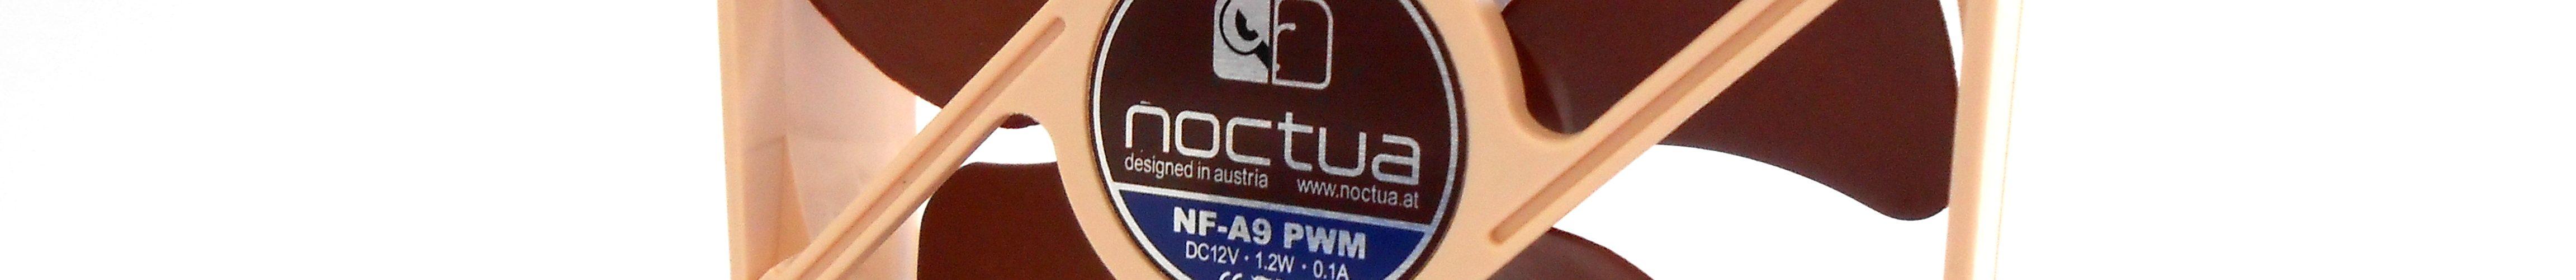 NF-A8 PWM